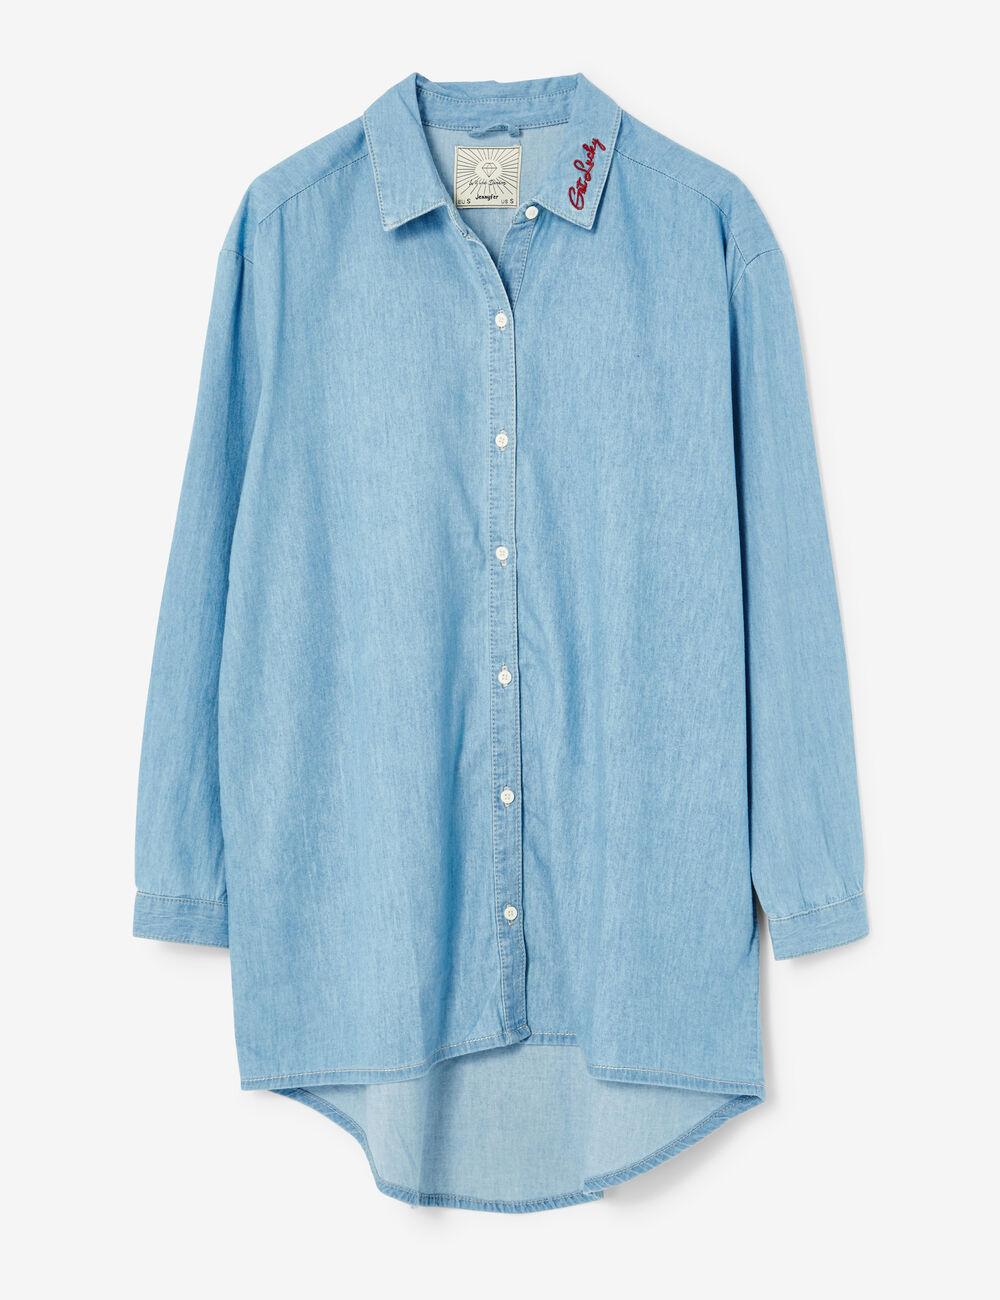 Chemise Jean Longue dedans chemise longue en jean bleu clair femme • jennyfer